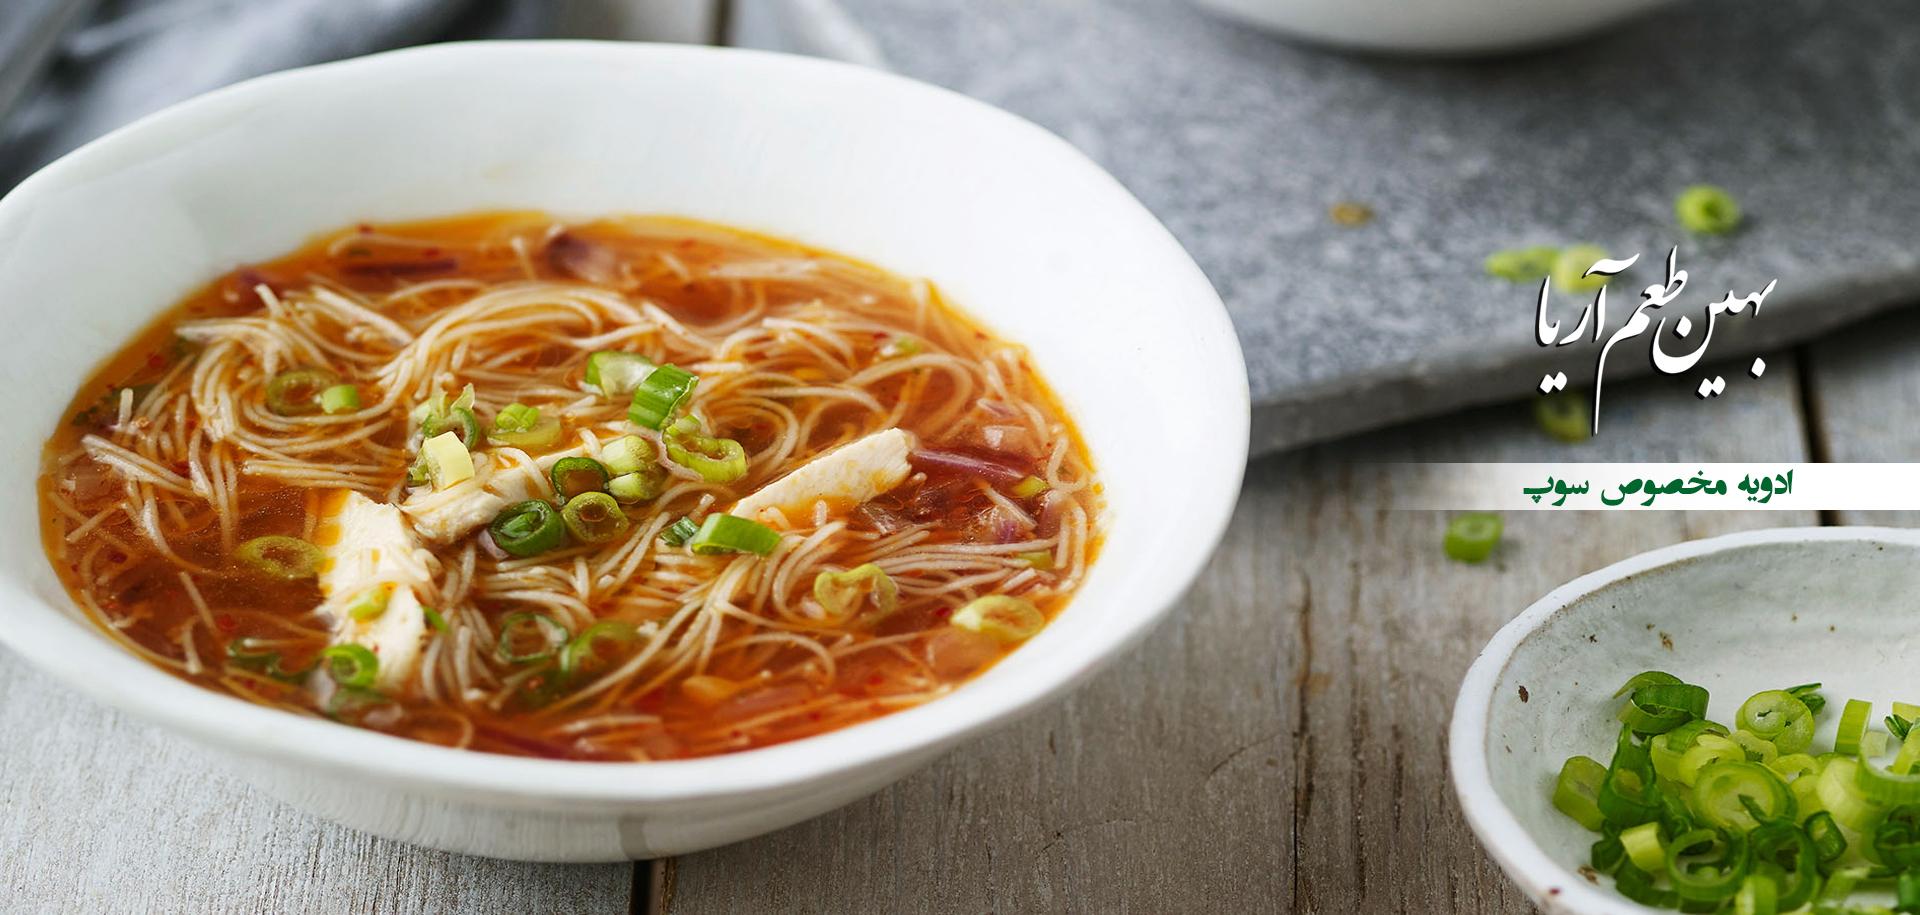 ادویه سوپ